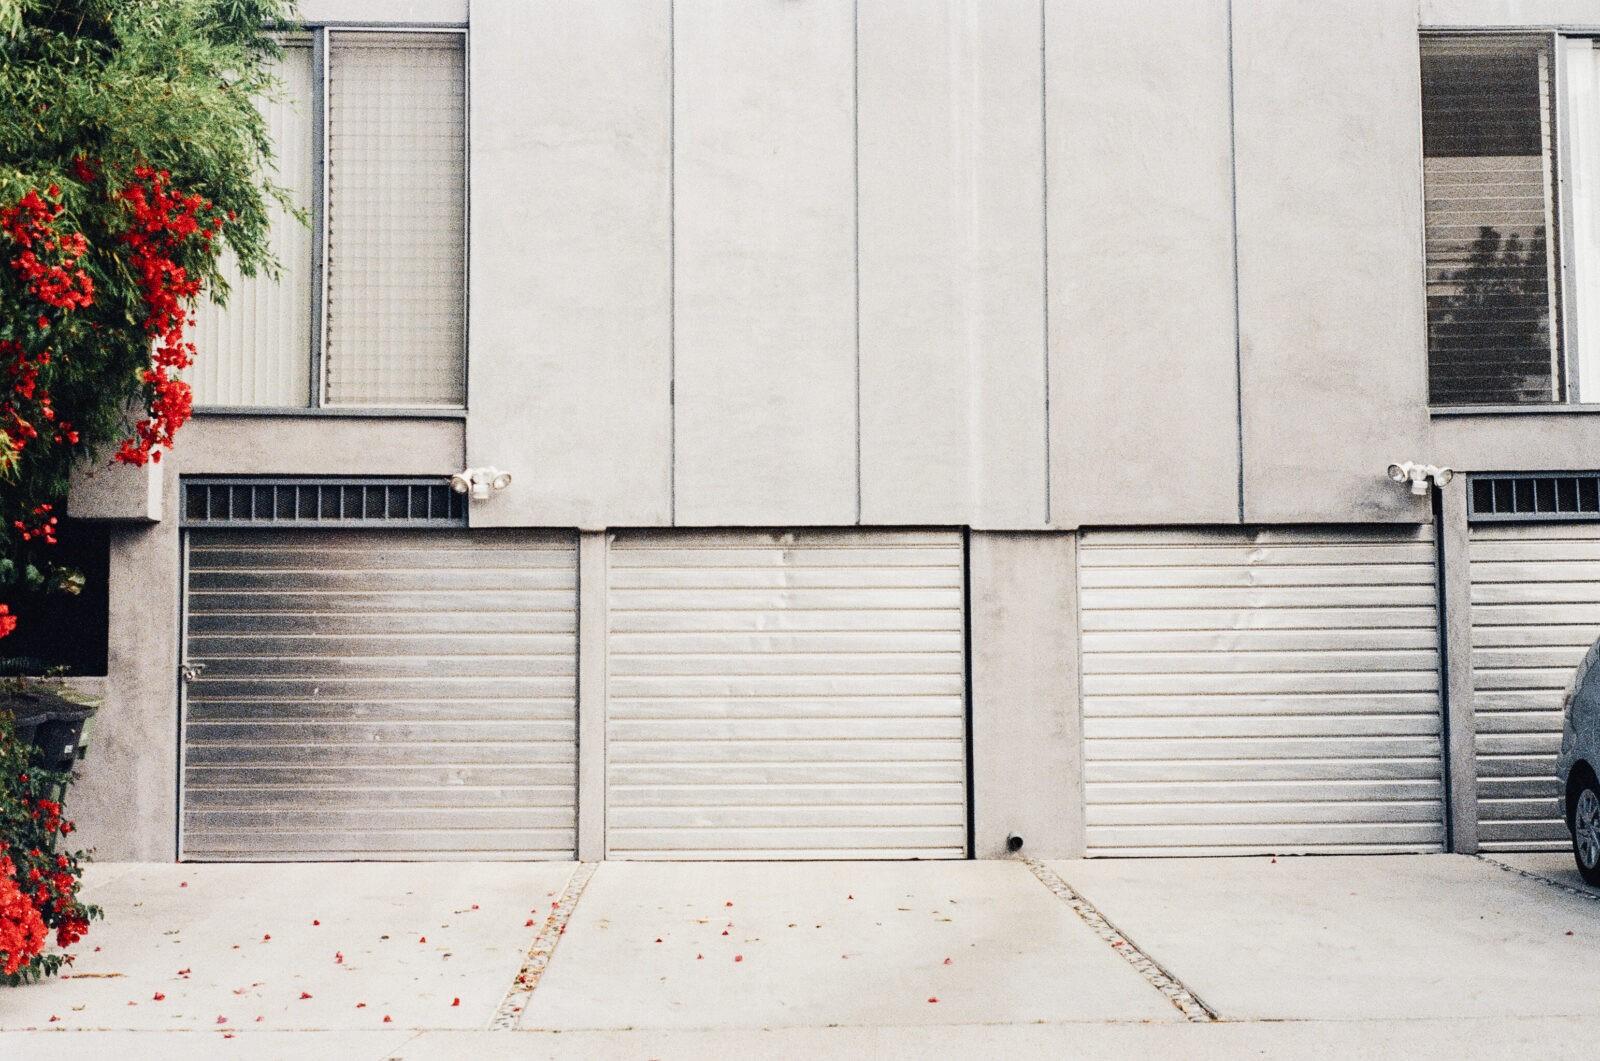 2017 garage door trends one clear choice garage doors for Garage door trends 2017